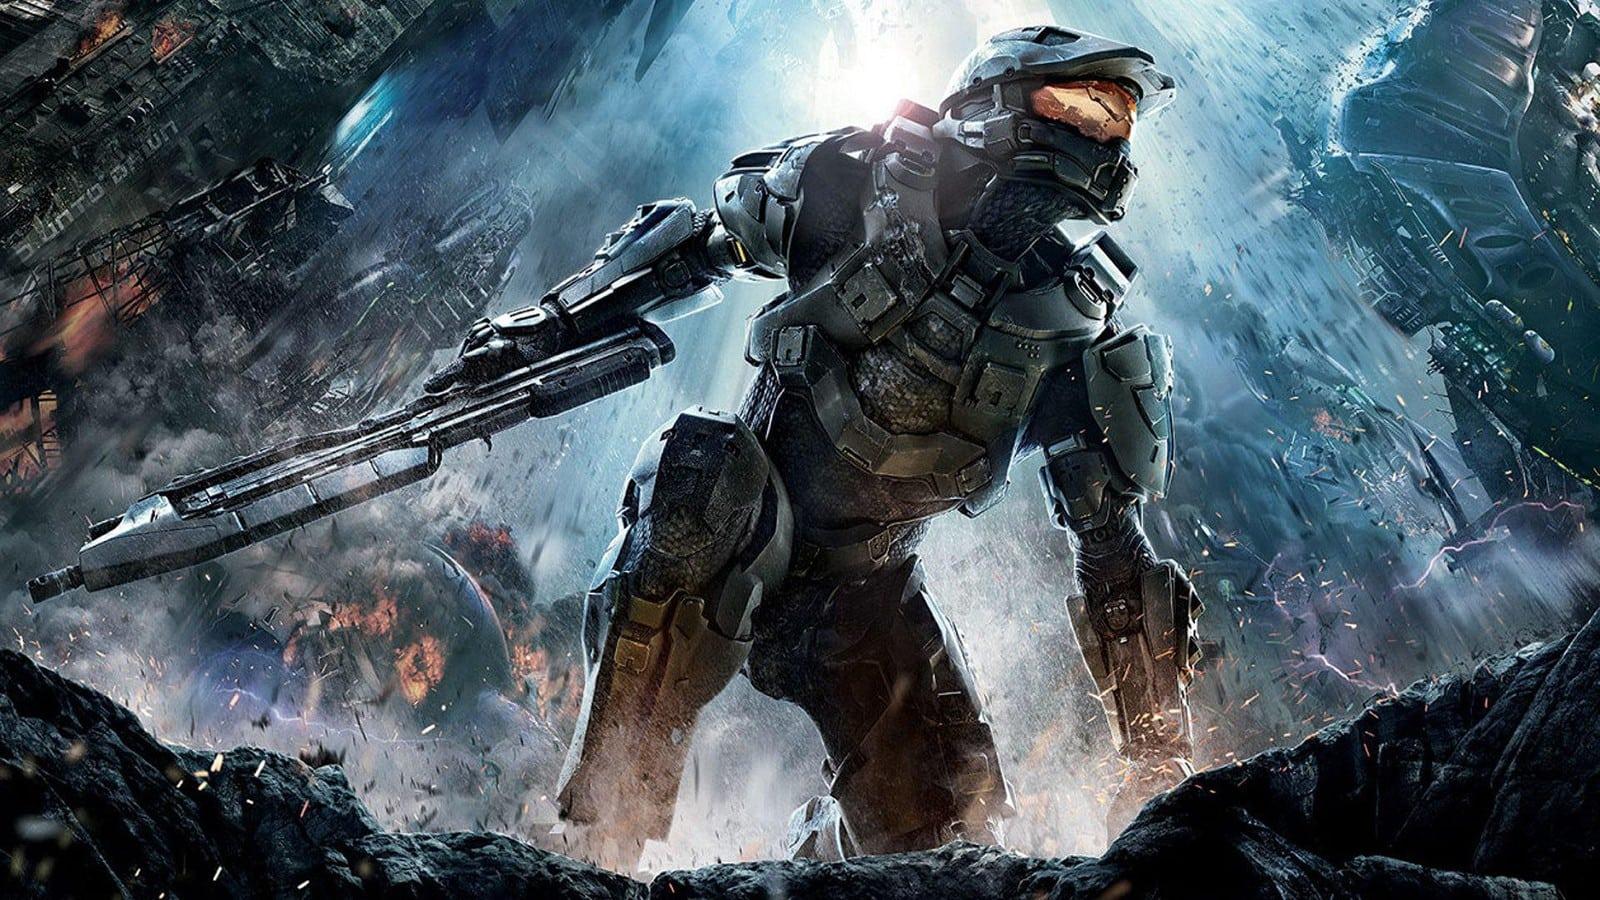 Pablo Schreiber elegido como Jefe Maestro en la serie de televisión Halo